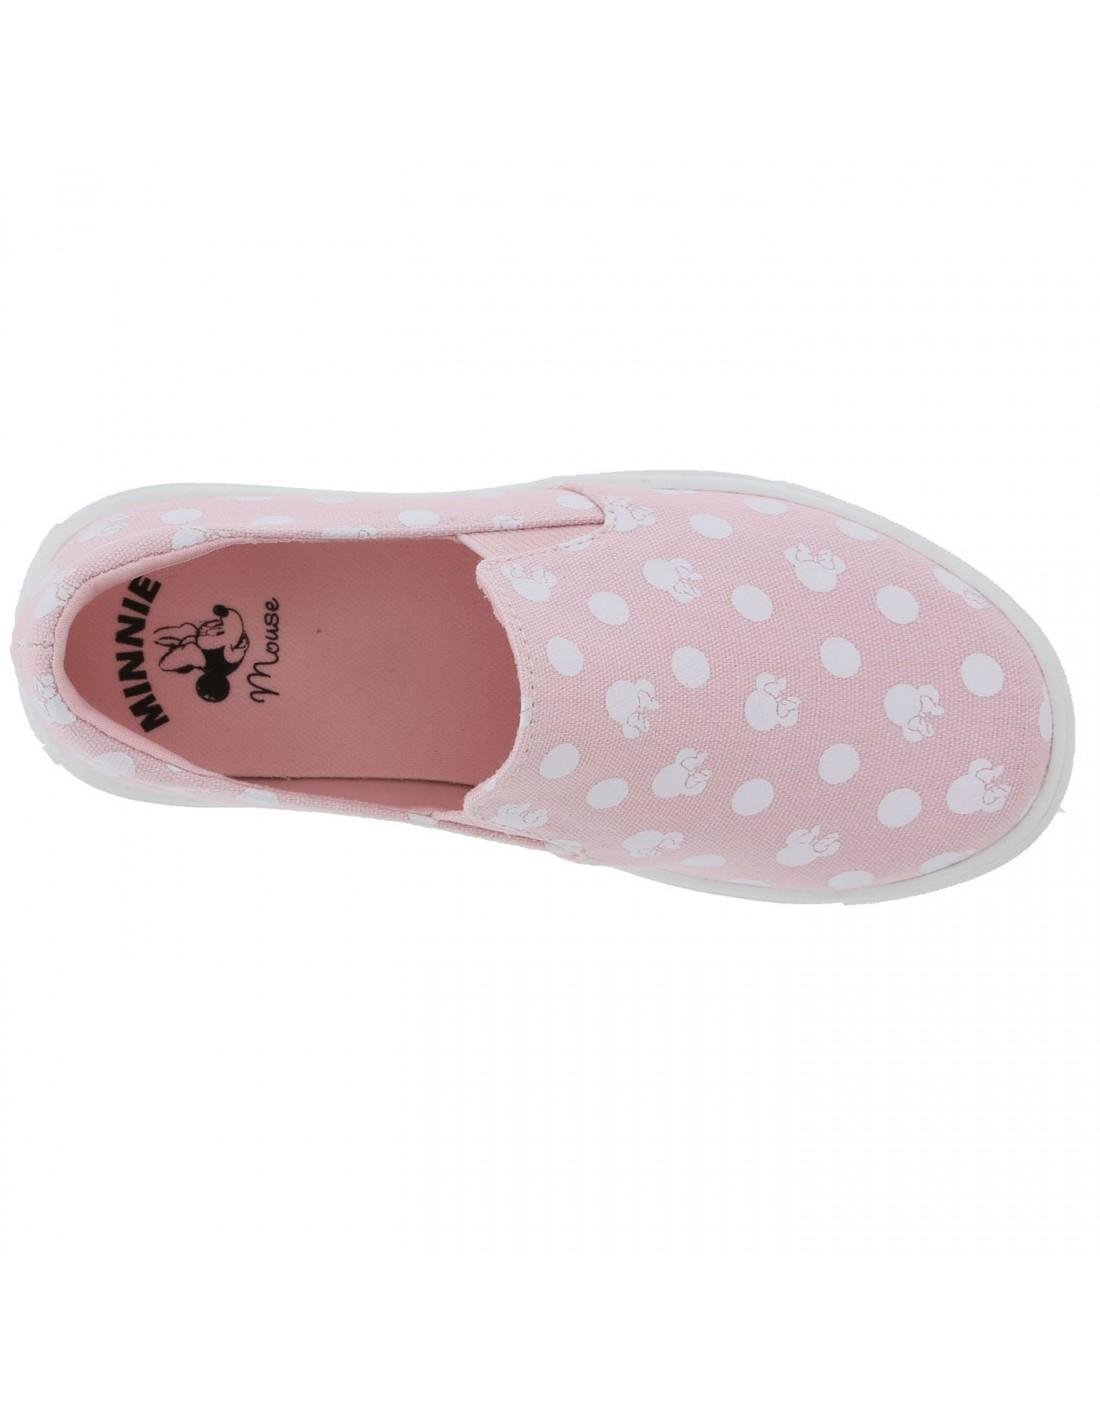 facc678d8f ... Zapatos Casuales de Minnie para niñas pequeñas. Nuevos estilos. Previous